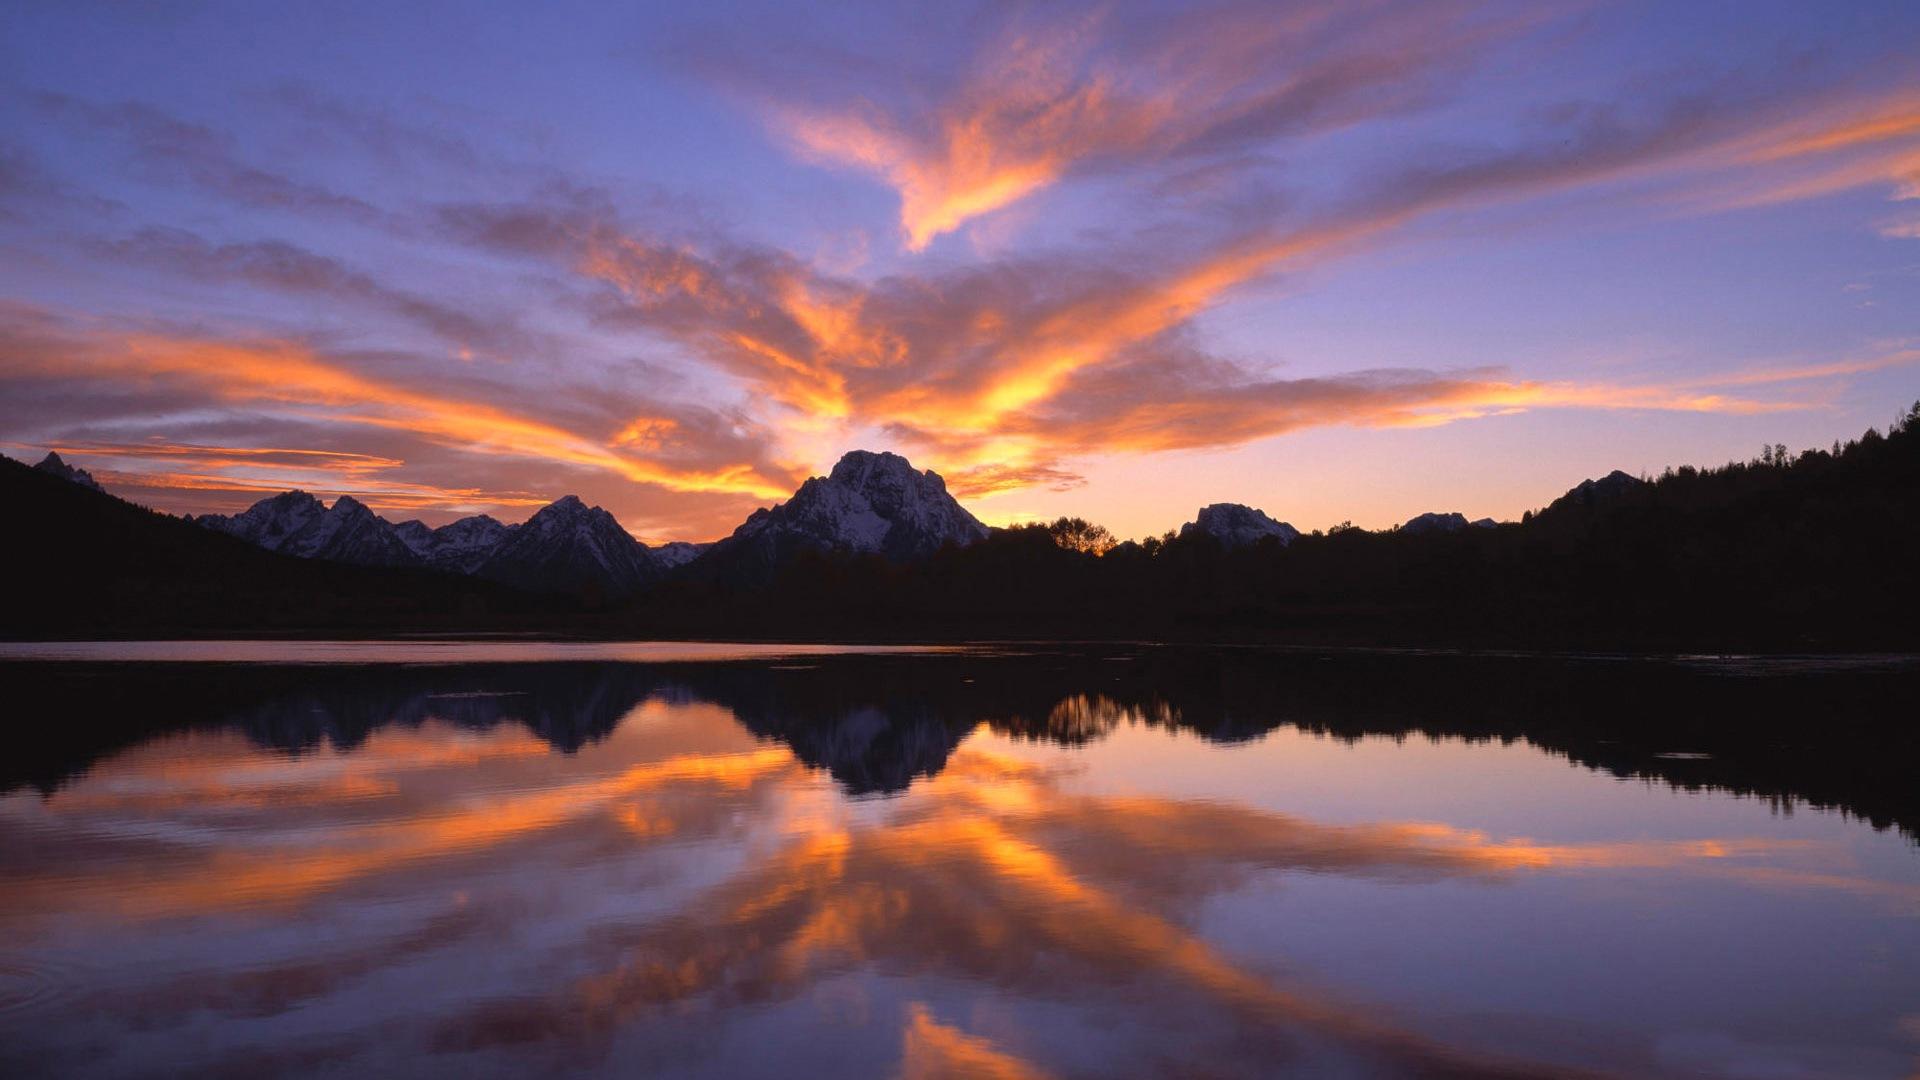 Sunset mountains